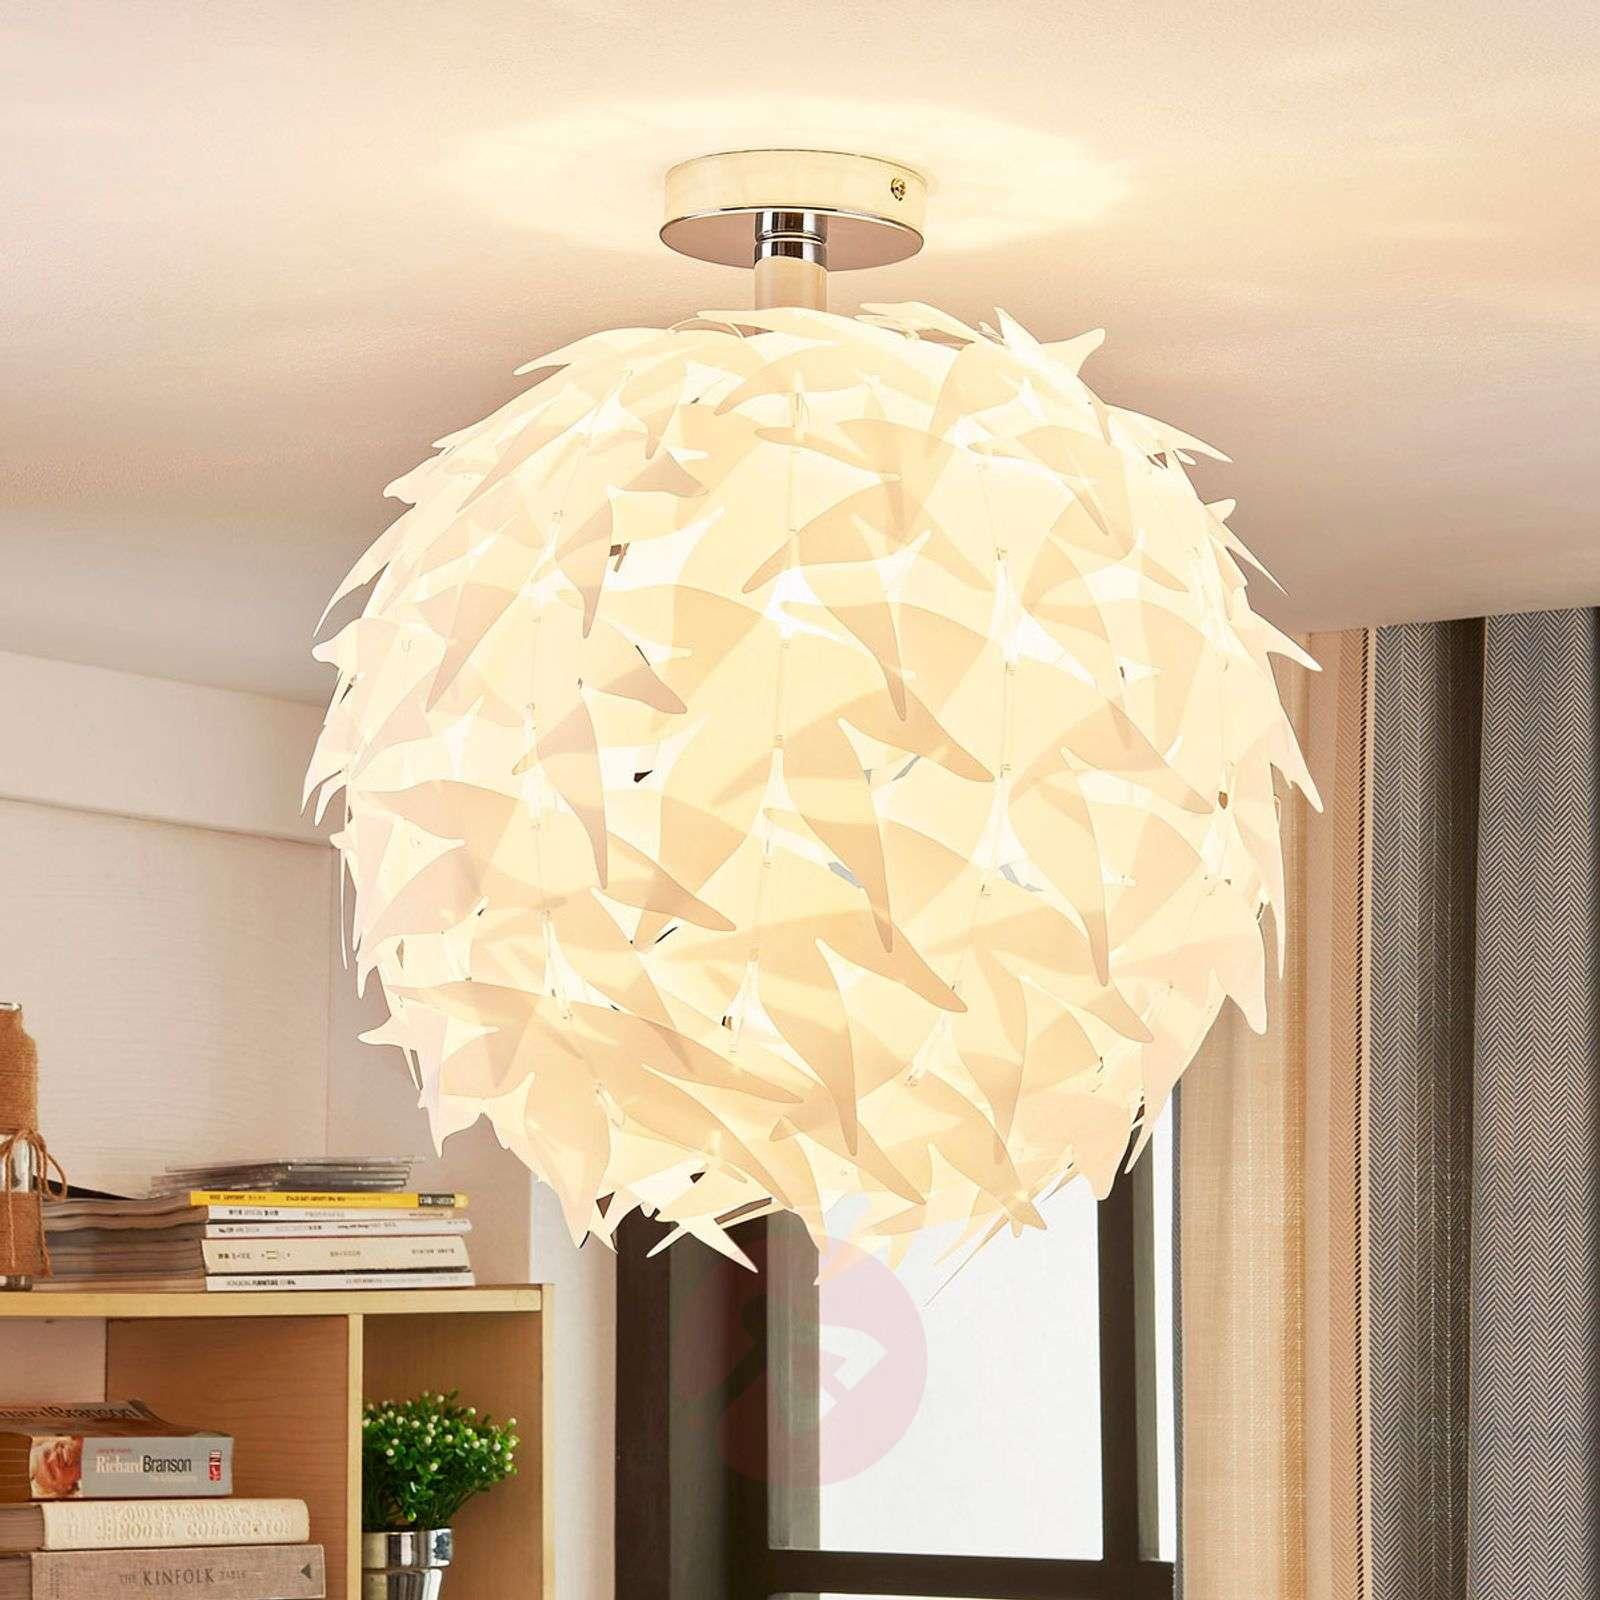 Corin – valkoinen kattovalaisin, trendikäs ulkoasu-9621143-01